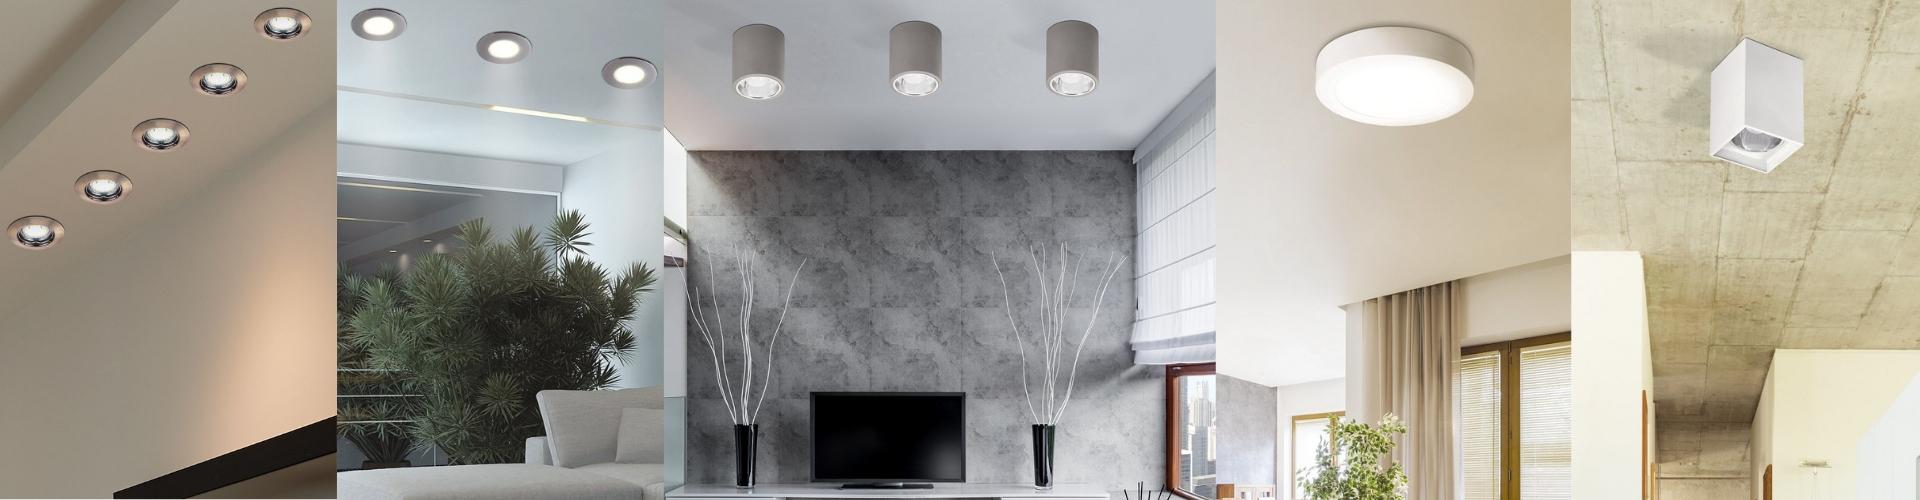 Вградени и повърхностно монтирани лампи